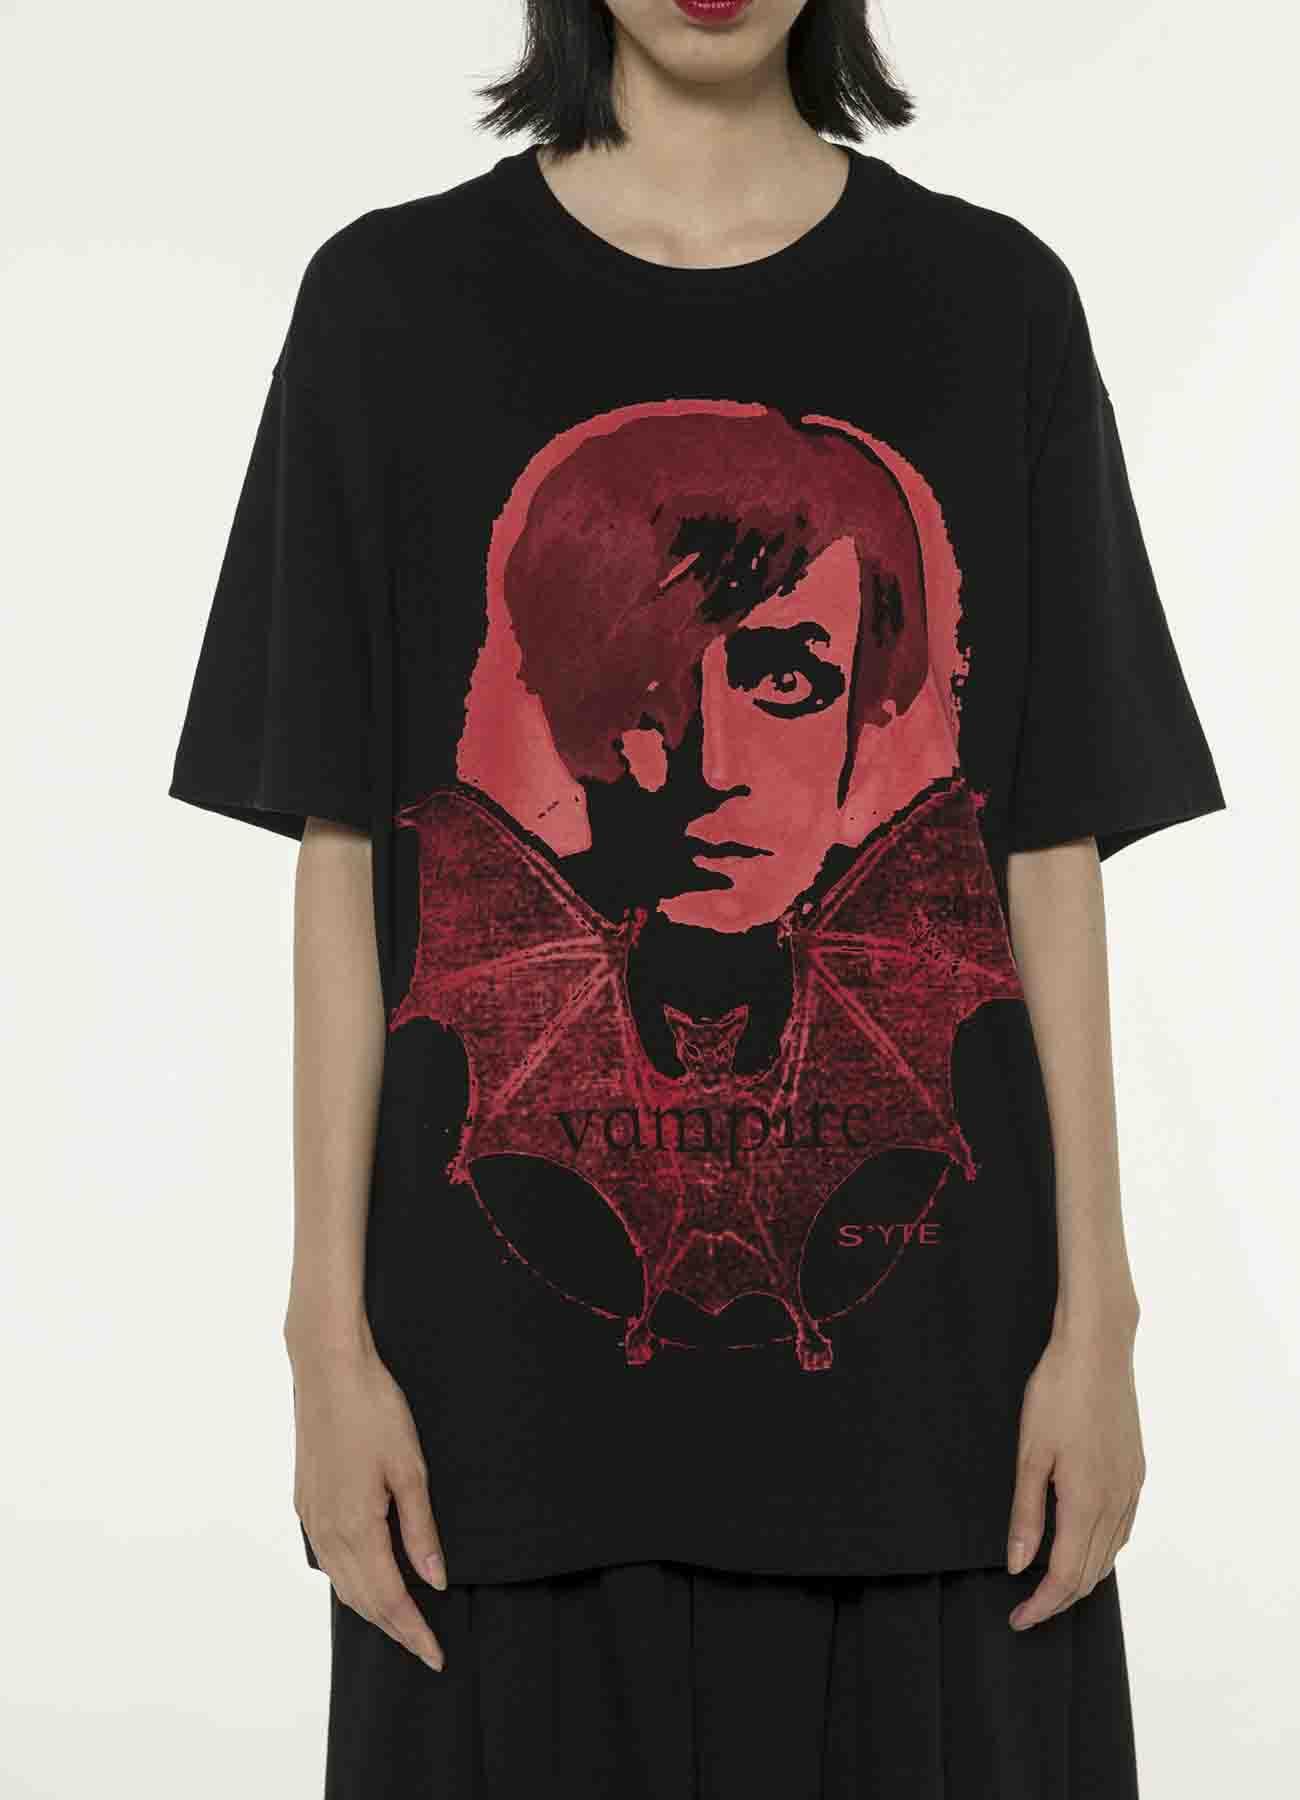 20 / 纯棉针织 S'YTE Vampire T恤